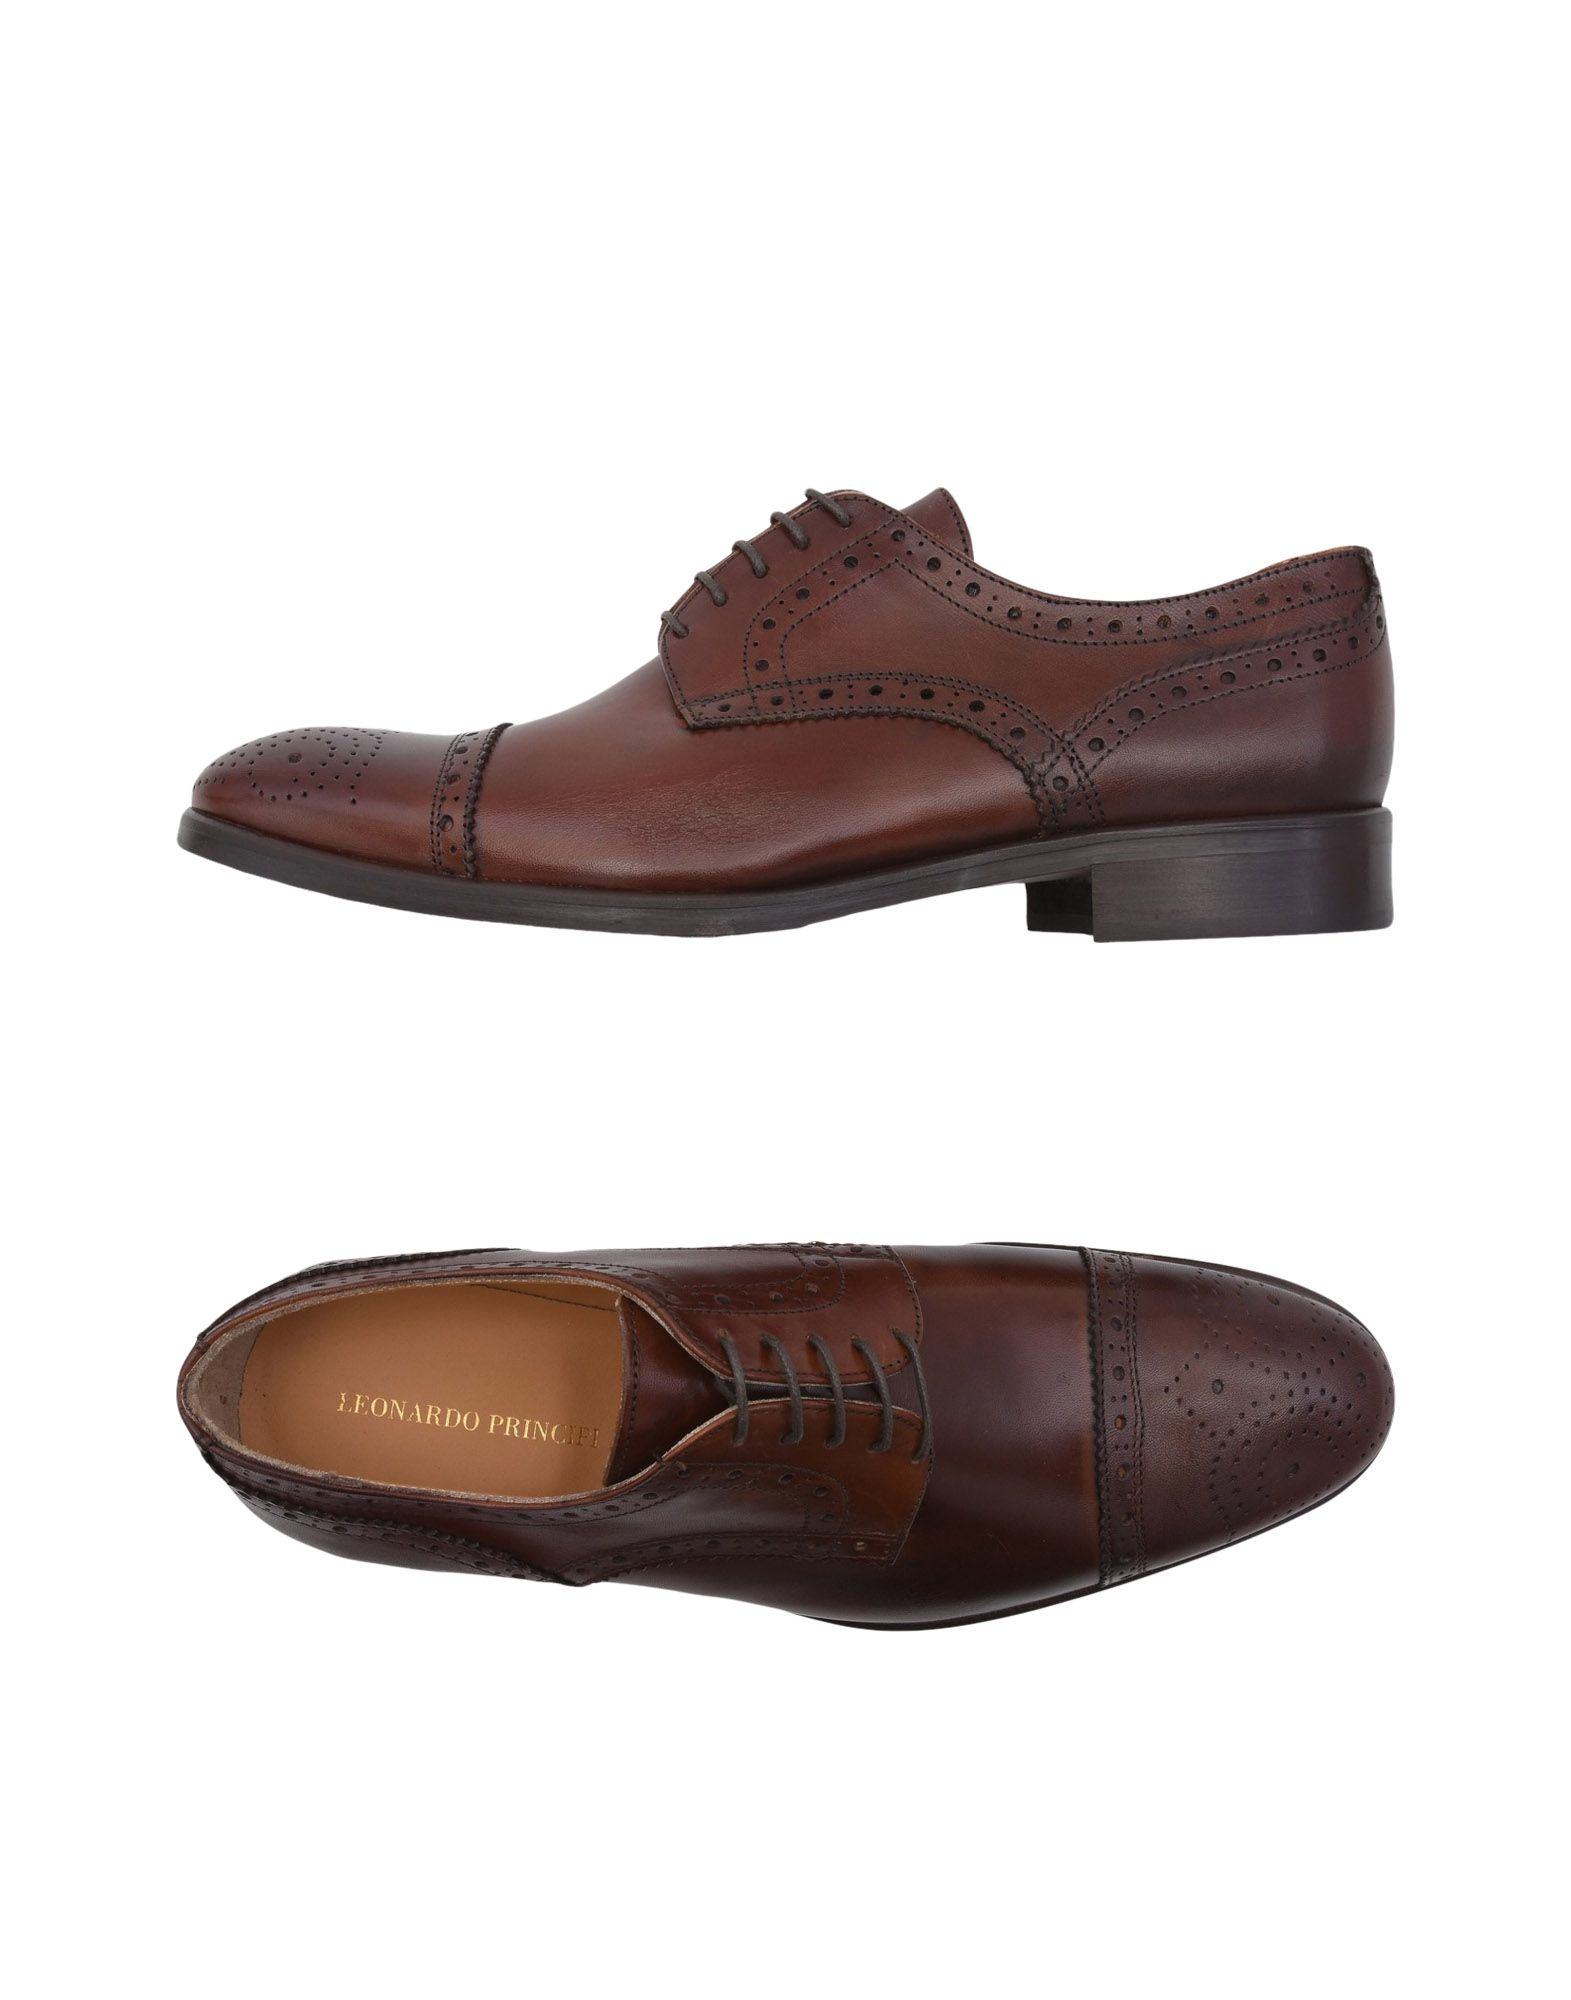 Nuevos zapatos para hombres y mujeres, descuento por tiempo Principi limitado  Zapato De Cordones Leonardo Principi tiempo Hombre - Zapatos De Cordones Leonardo Principi e5d509